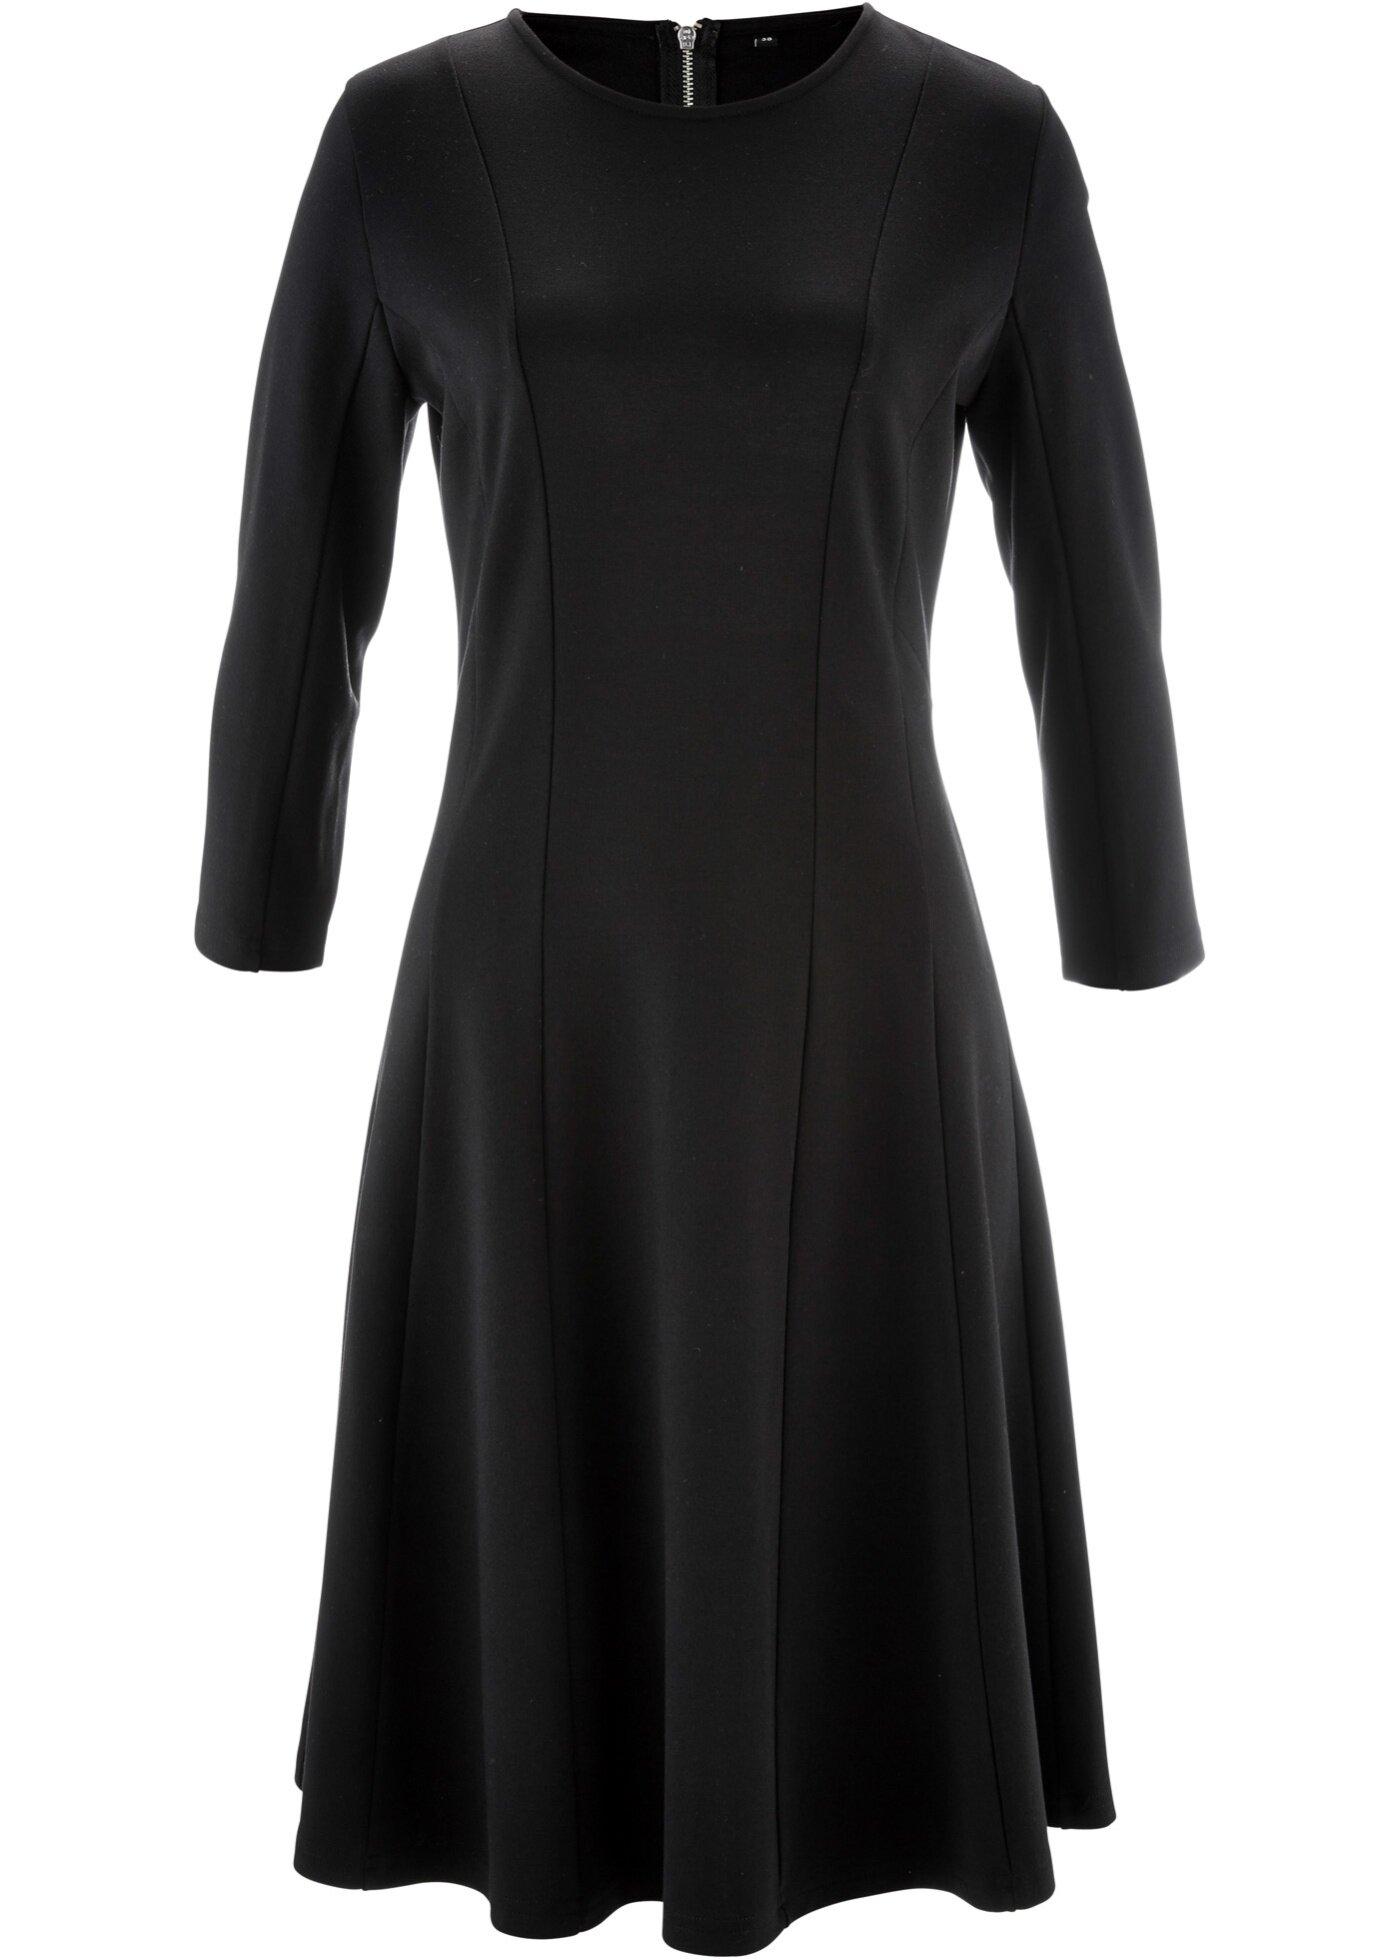 6e265105507 Купить дизайнерские платья - 👗 онлайн заказ по лучшим ценам на ...